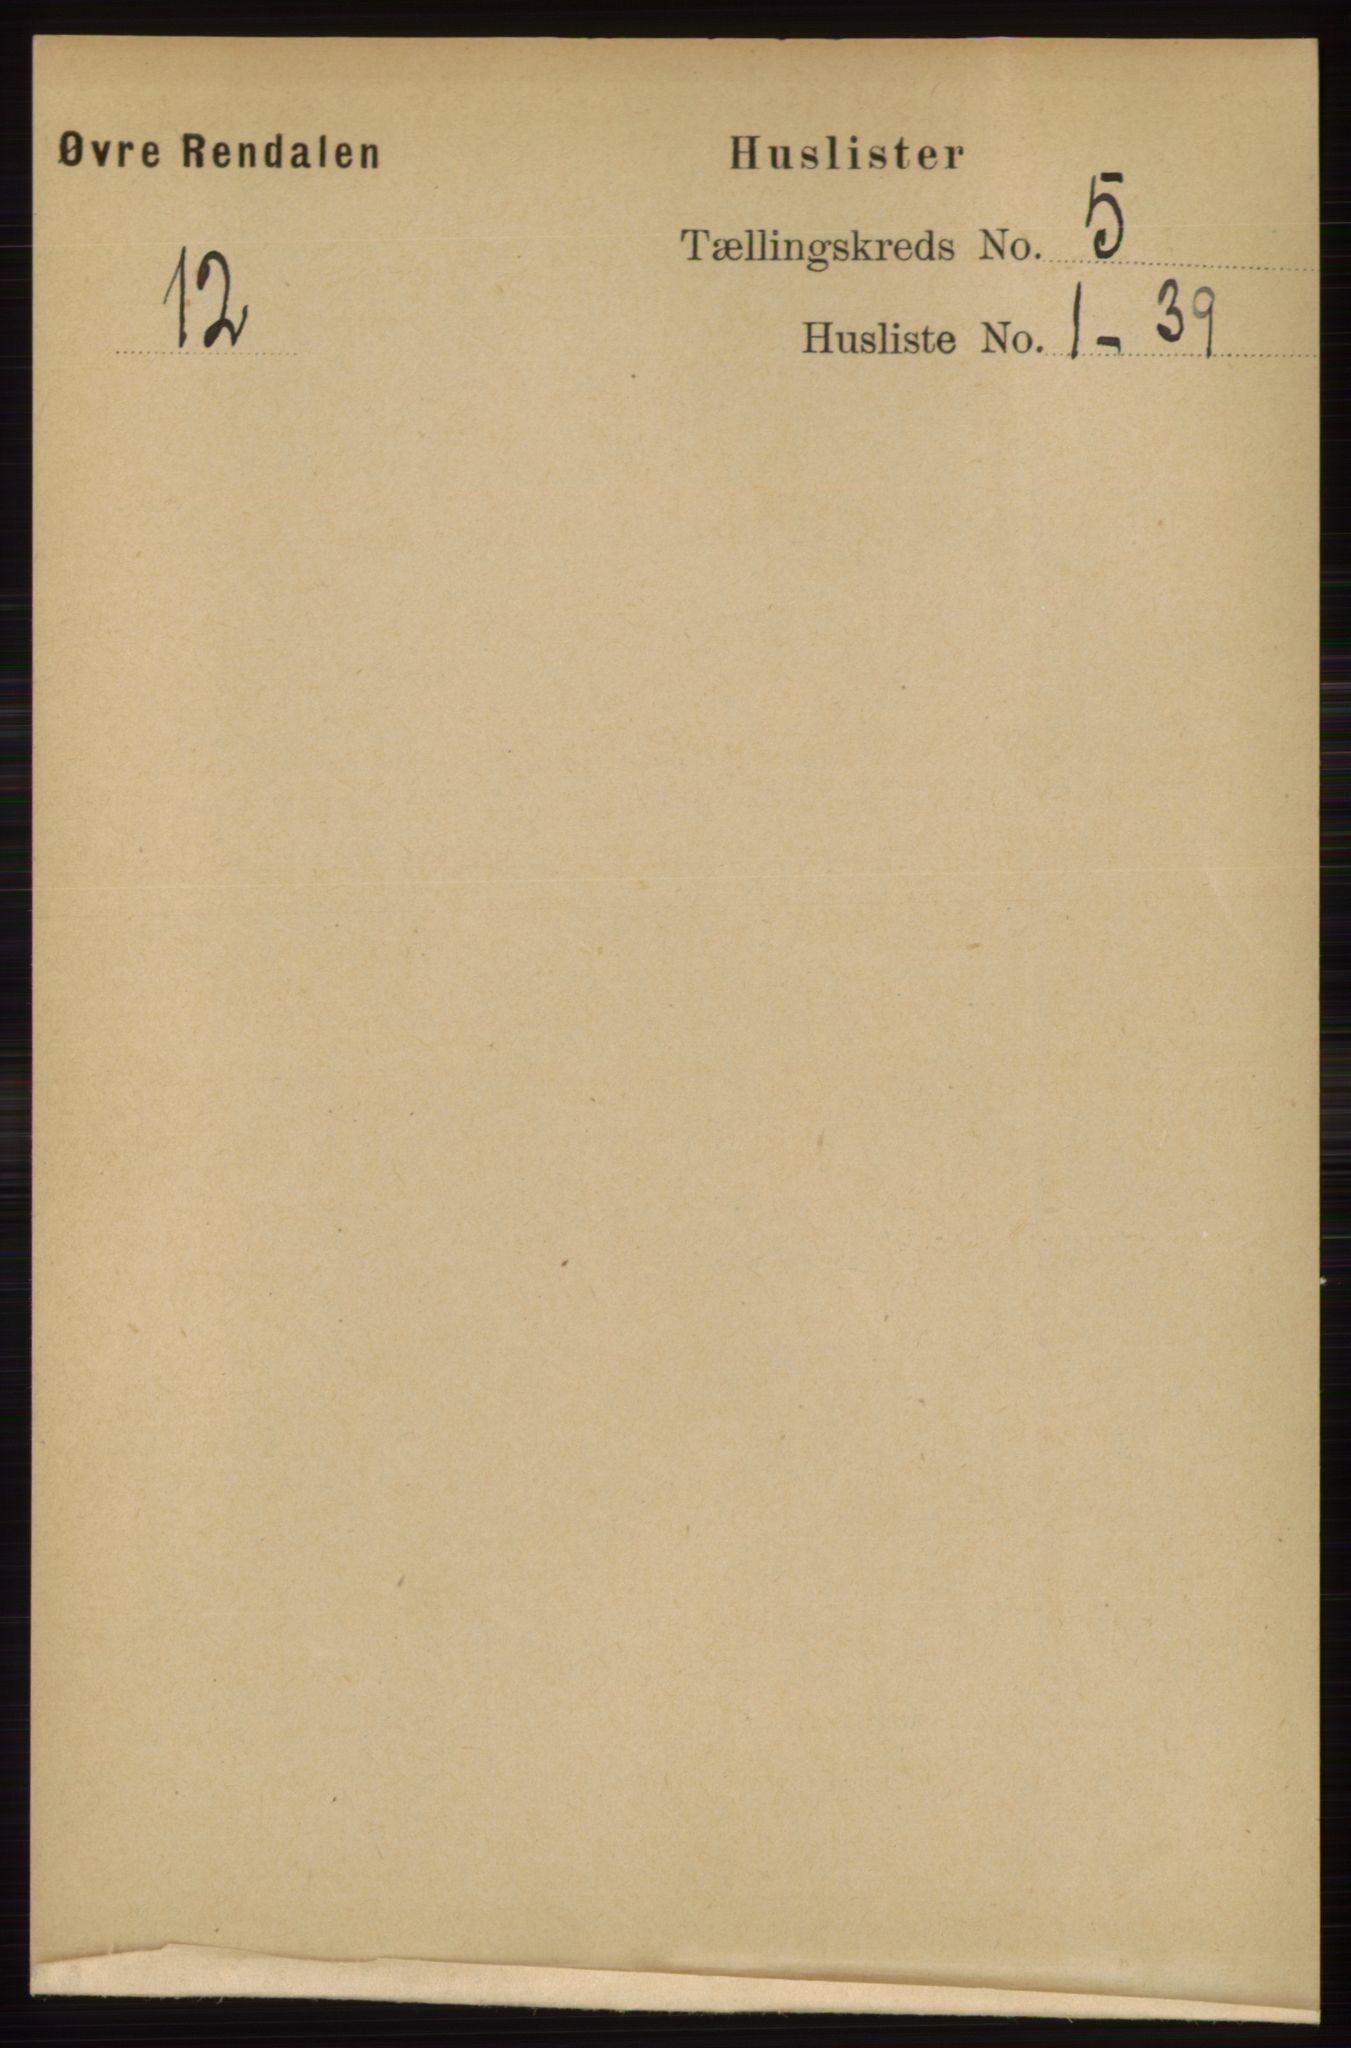 RA, Folketelling 1891 for 0433 Øvre Rendal herred, 1891, s. 1264